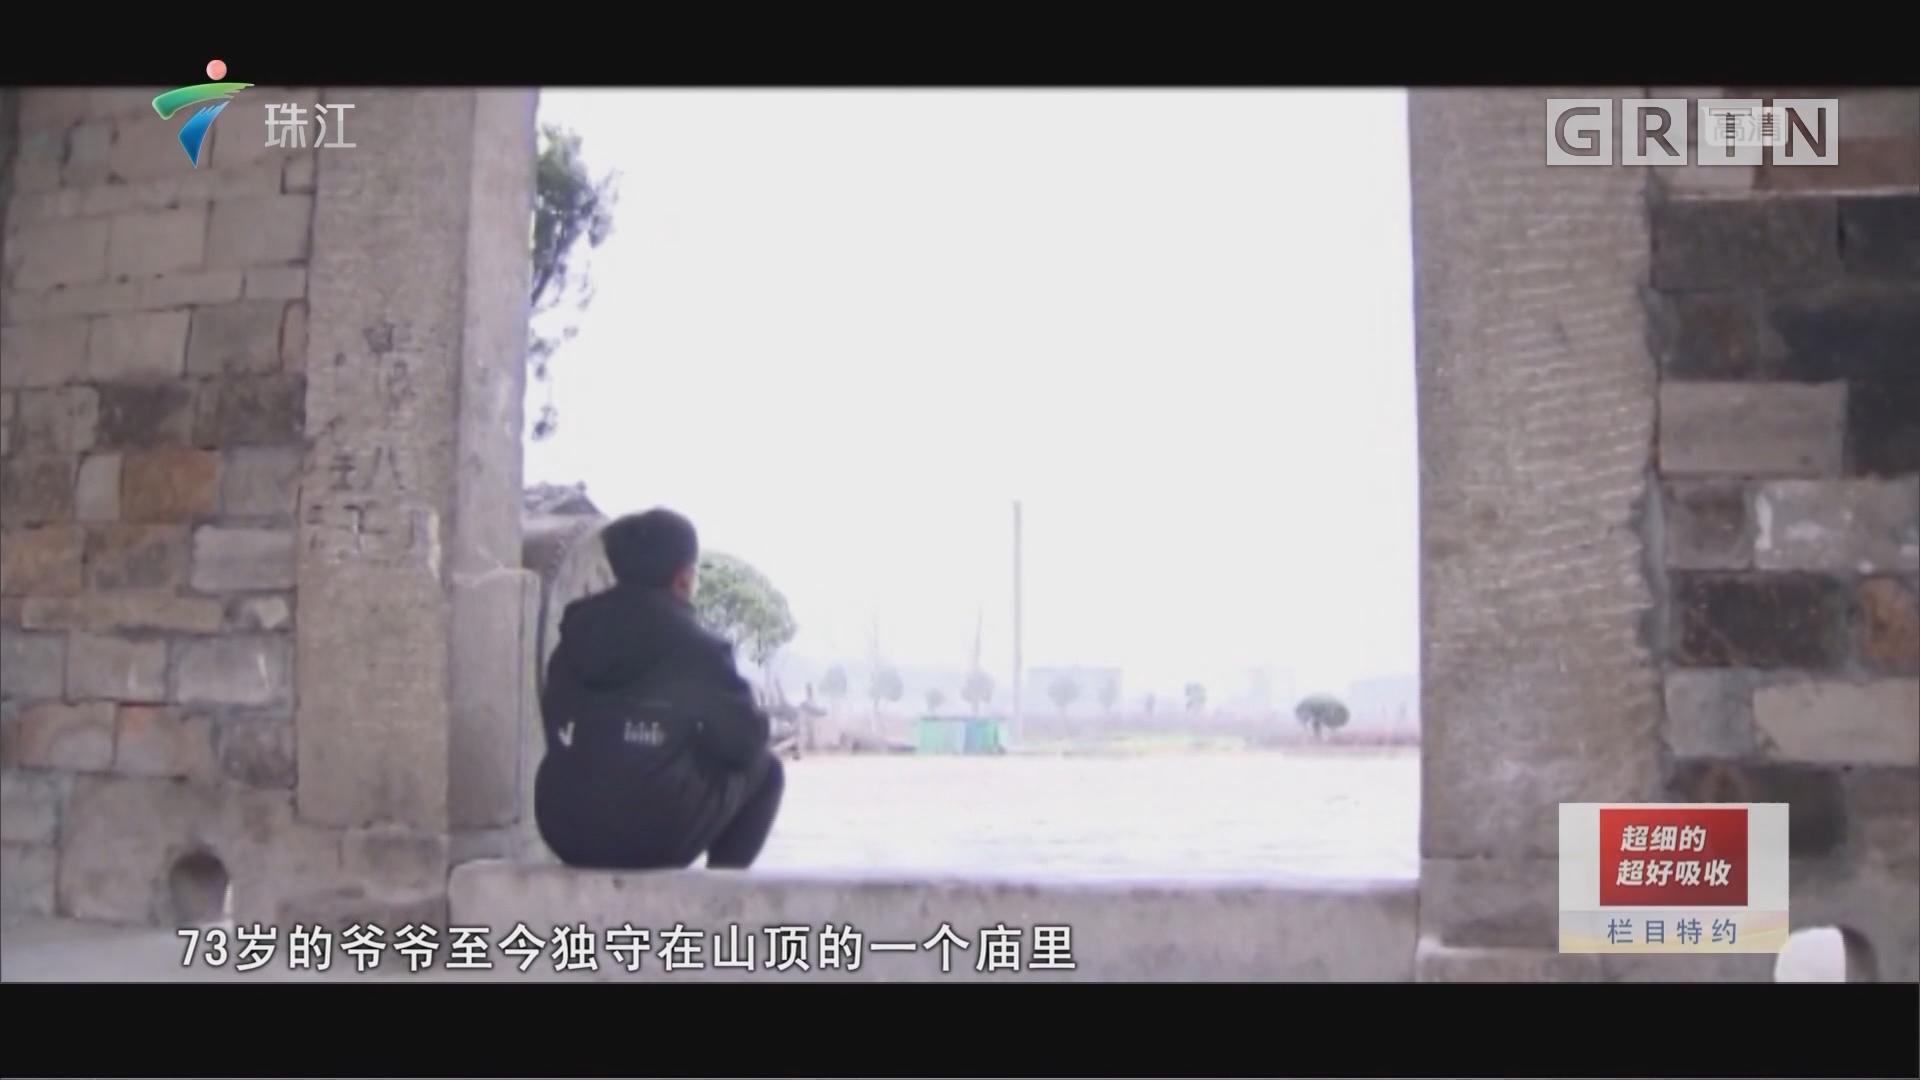 [HD][2018-12-20]法案追踪:迟到的拥抱